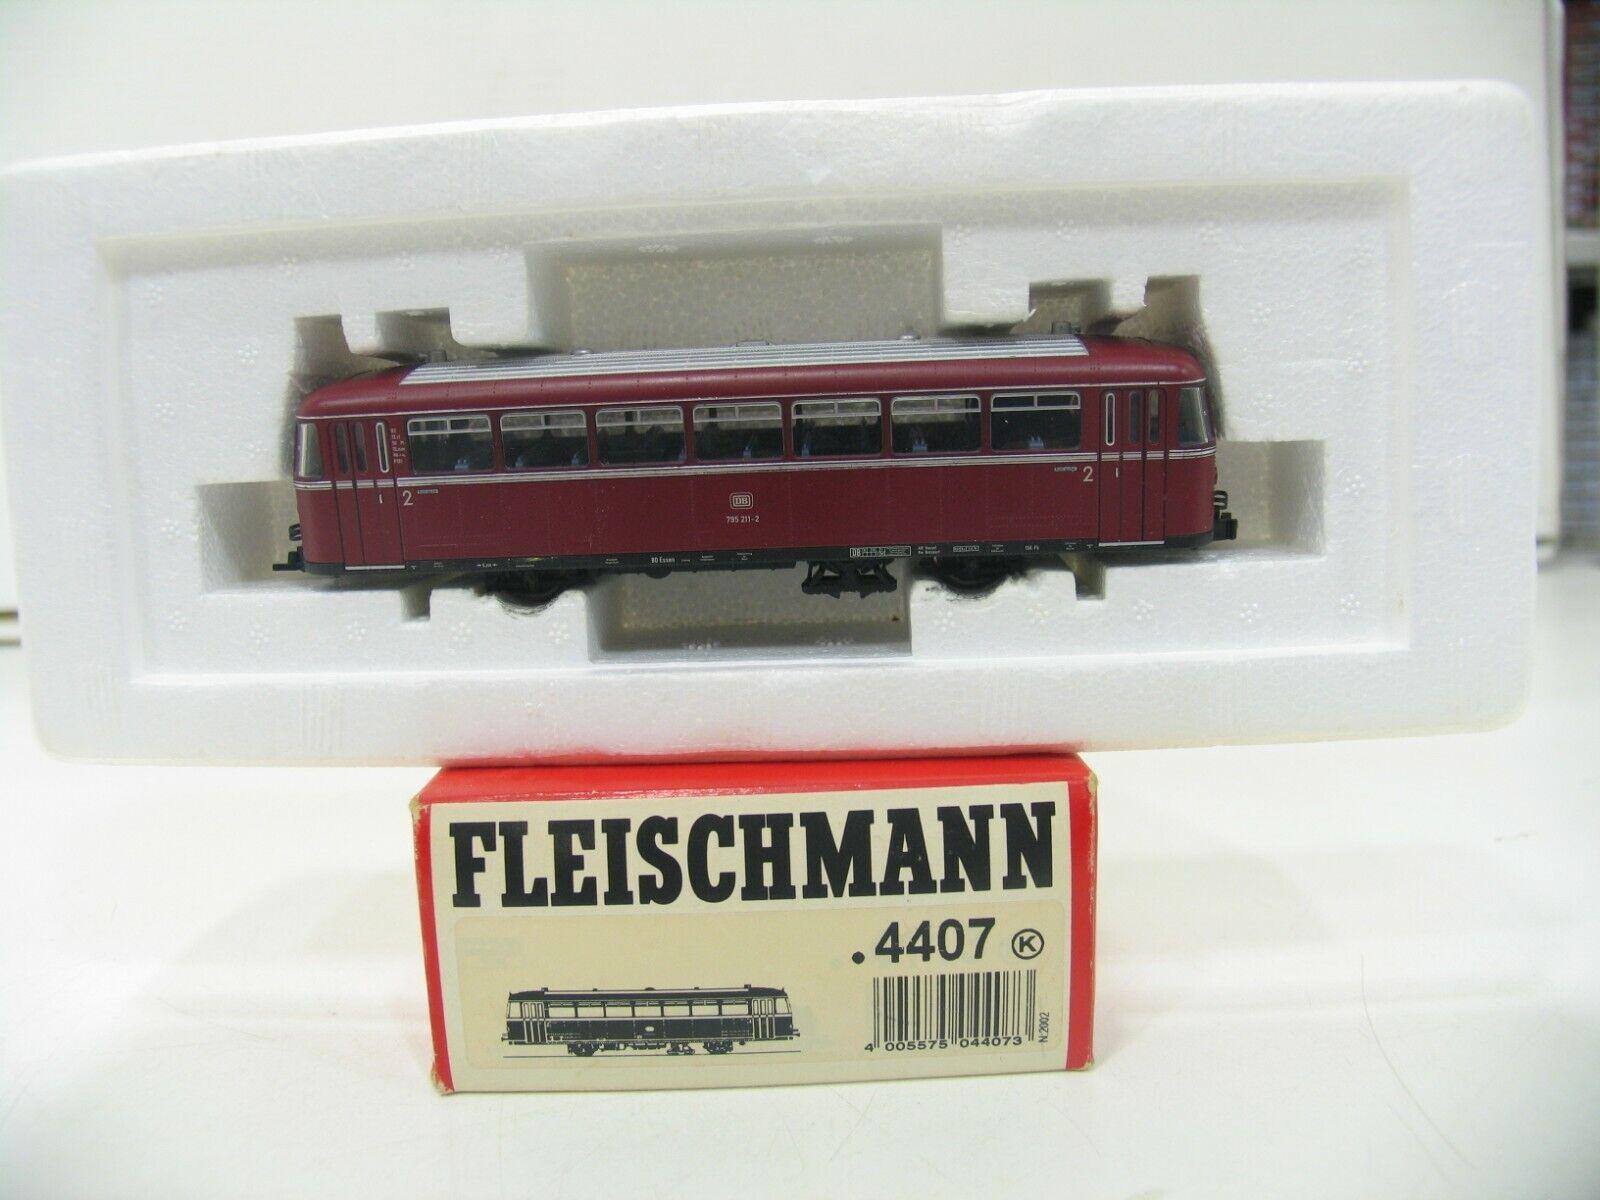 Fleischman 4407 railbus vt vt vt 795 rojo DB wm861 934